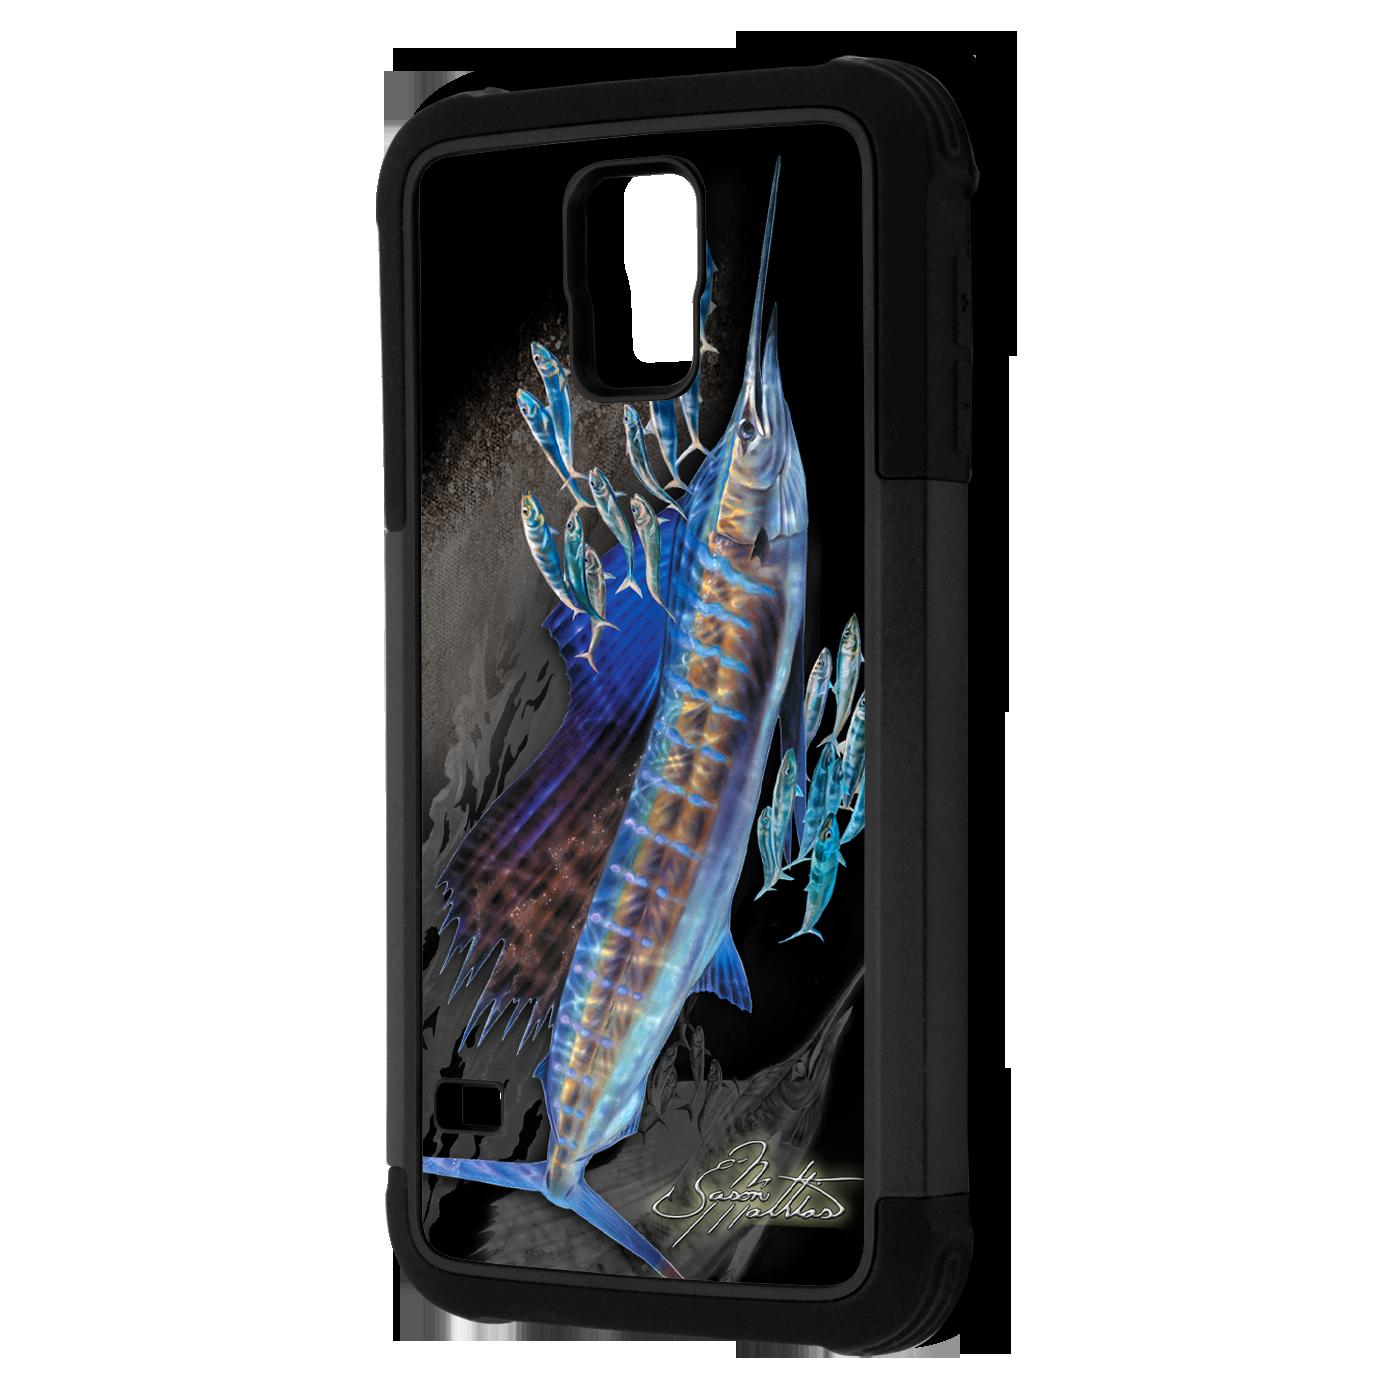 samsung-galaxy-s5-sailfish.png